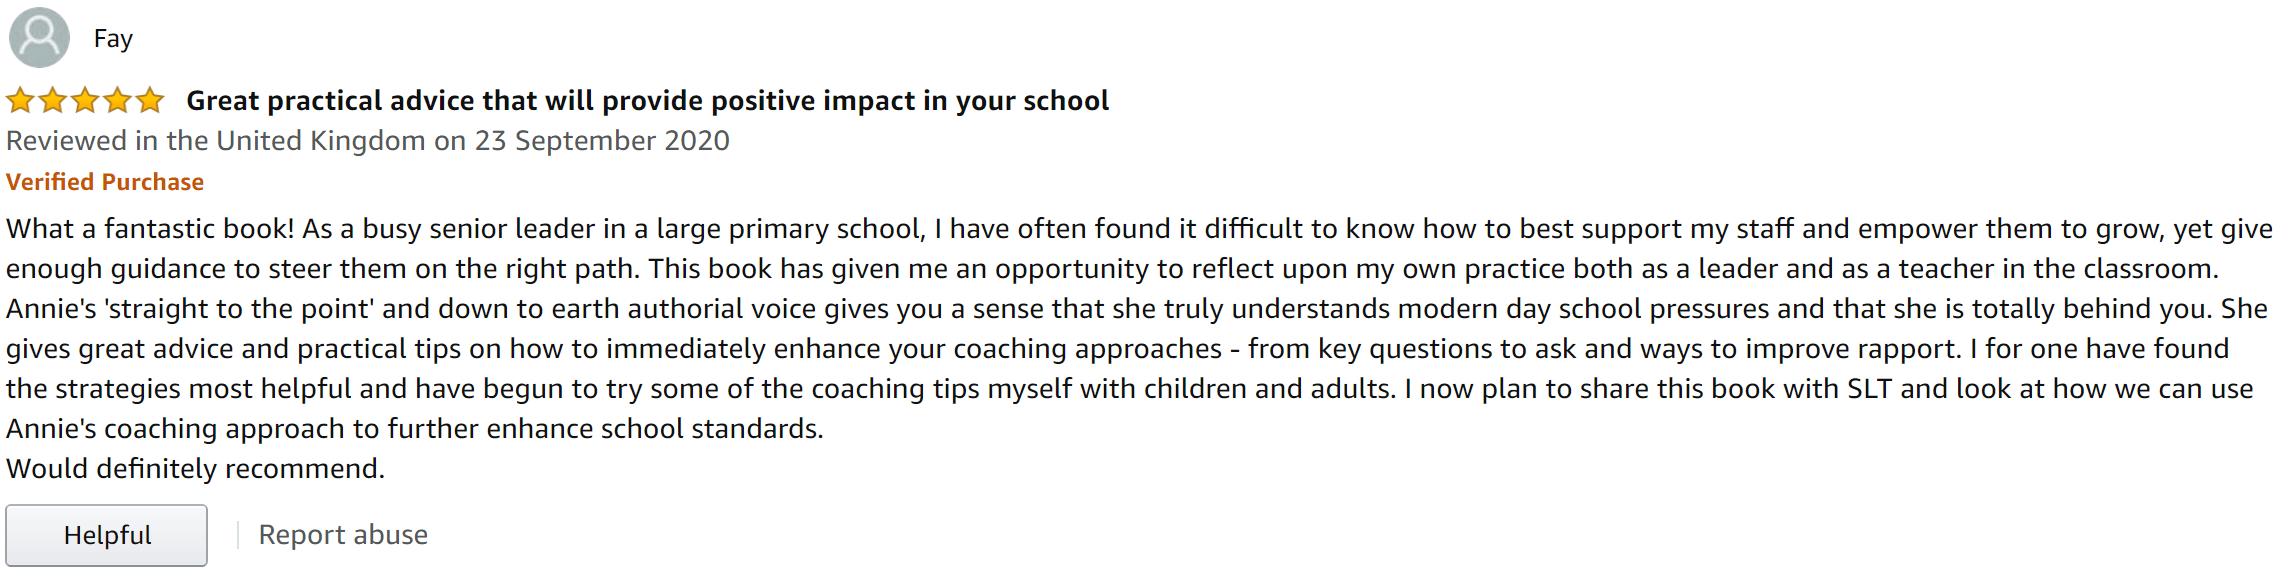 Best Coaching in schools book-Amazon review - SLT